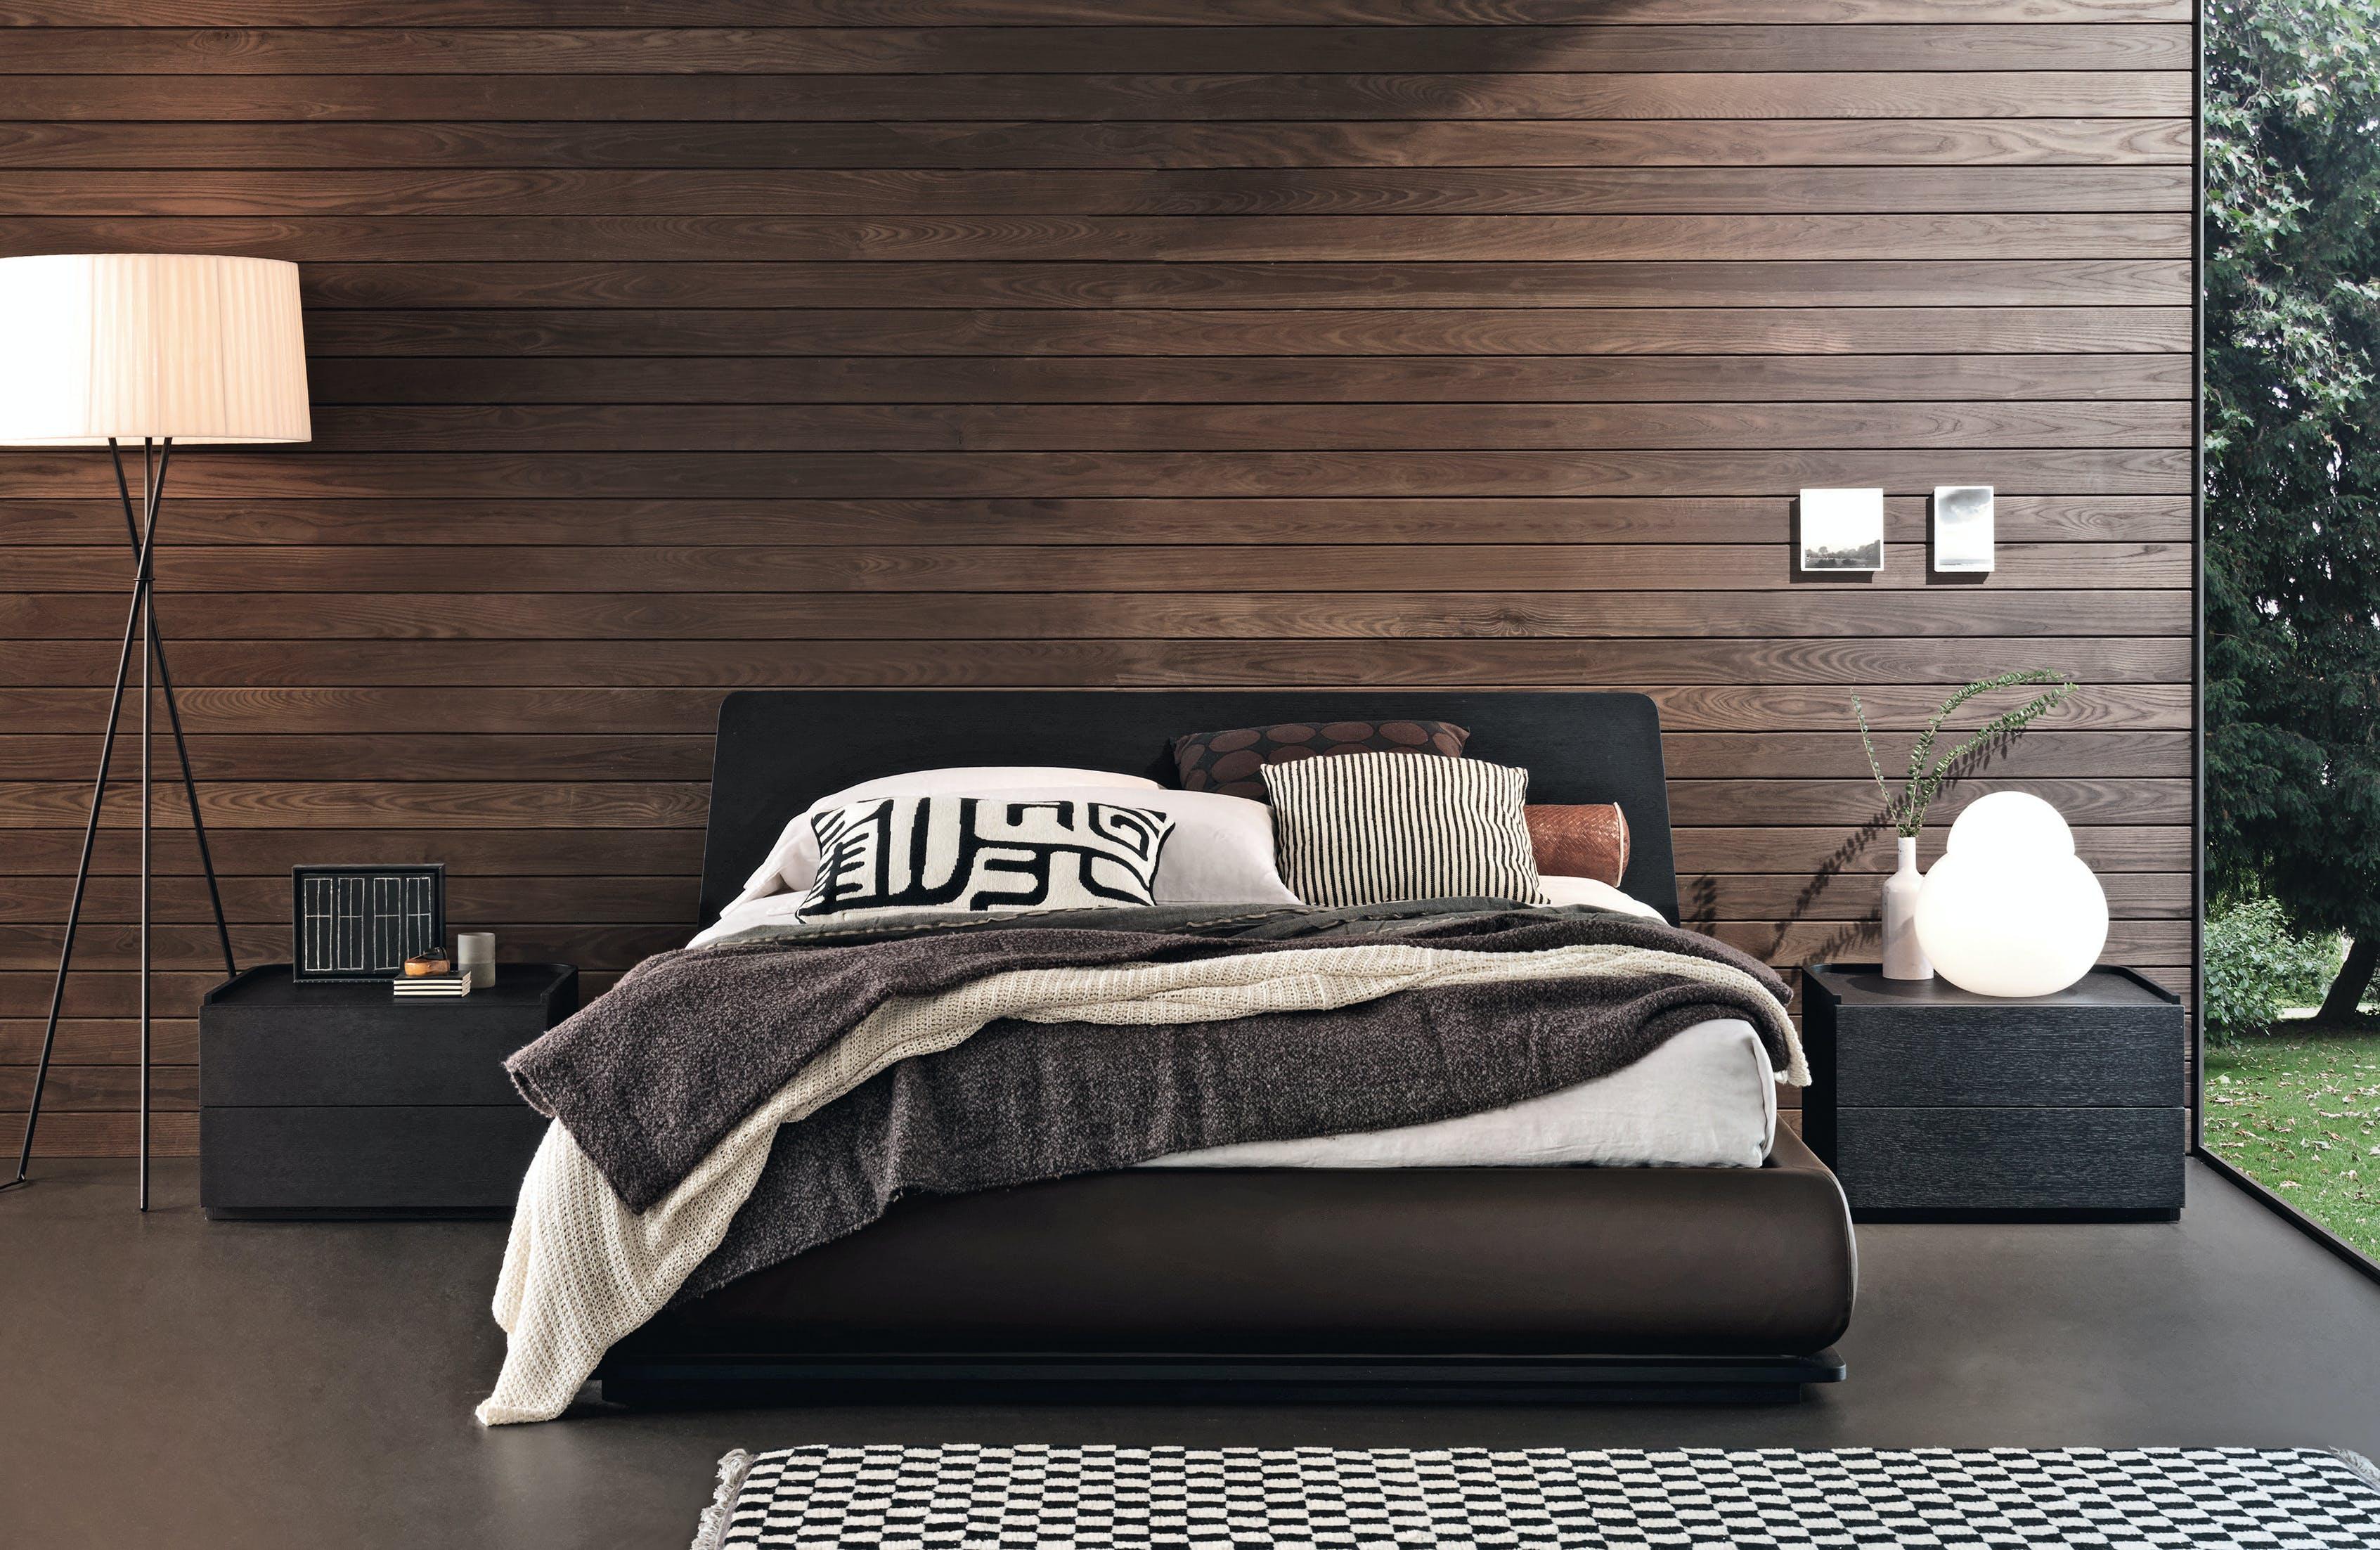 Giellesse Charme Bed Full Front Haute Living